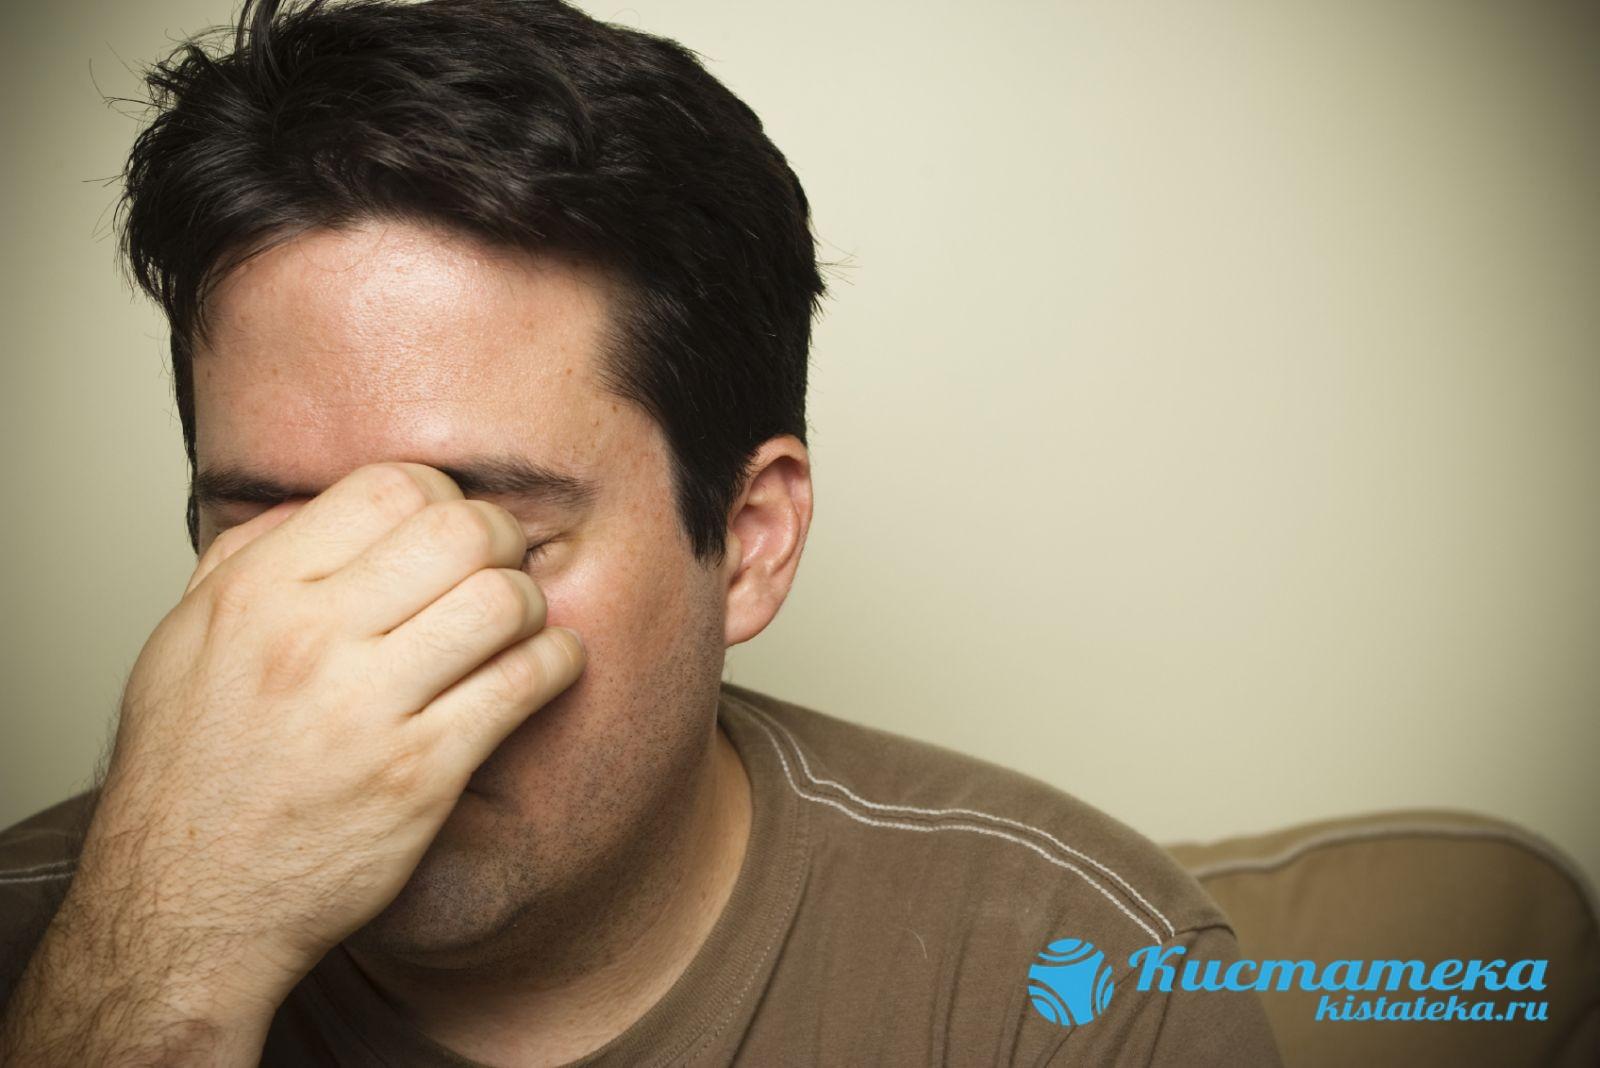 Среди часты заболеваний можно выделить кисту гайморовой пазуи